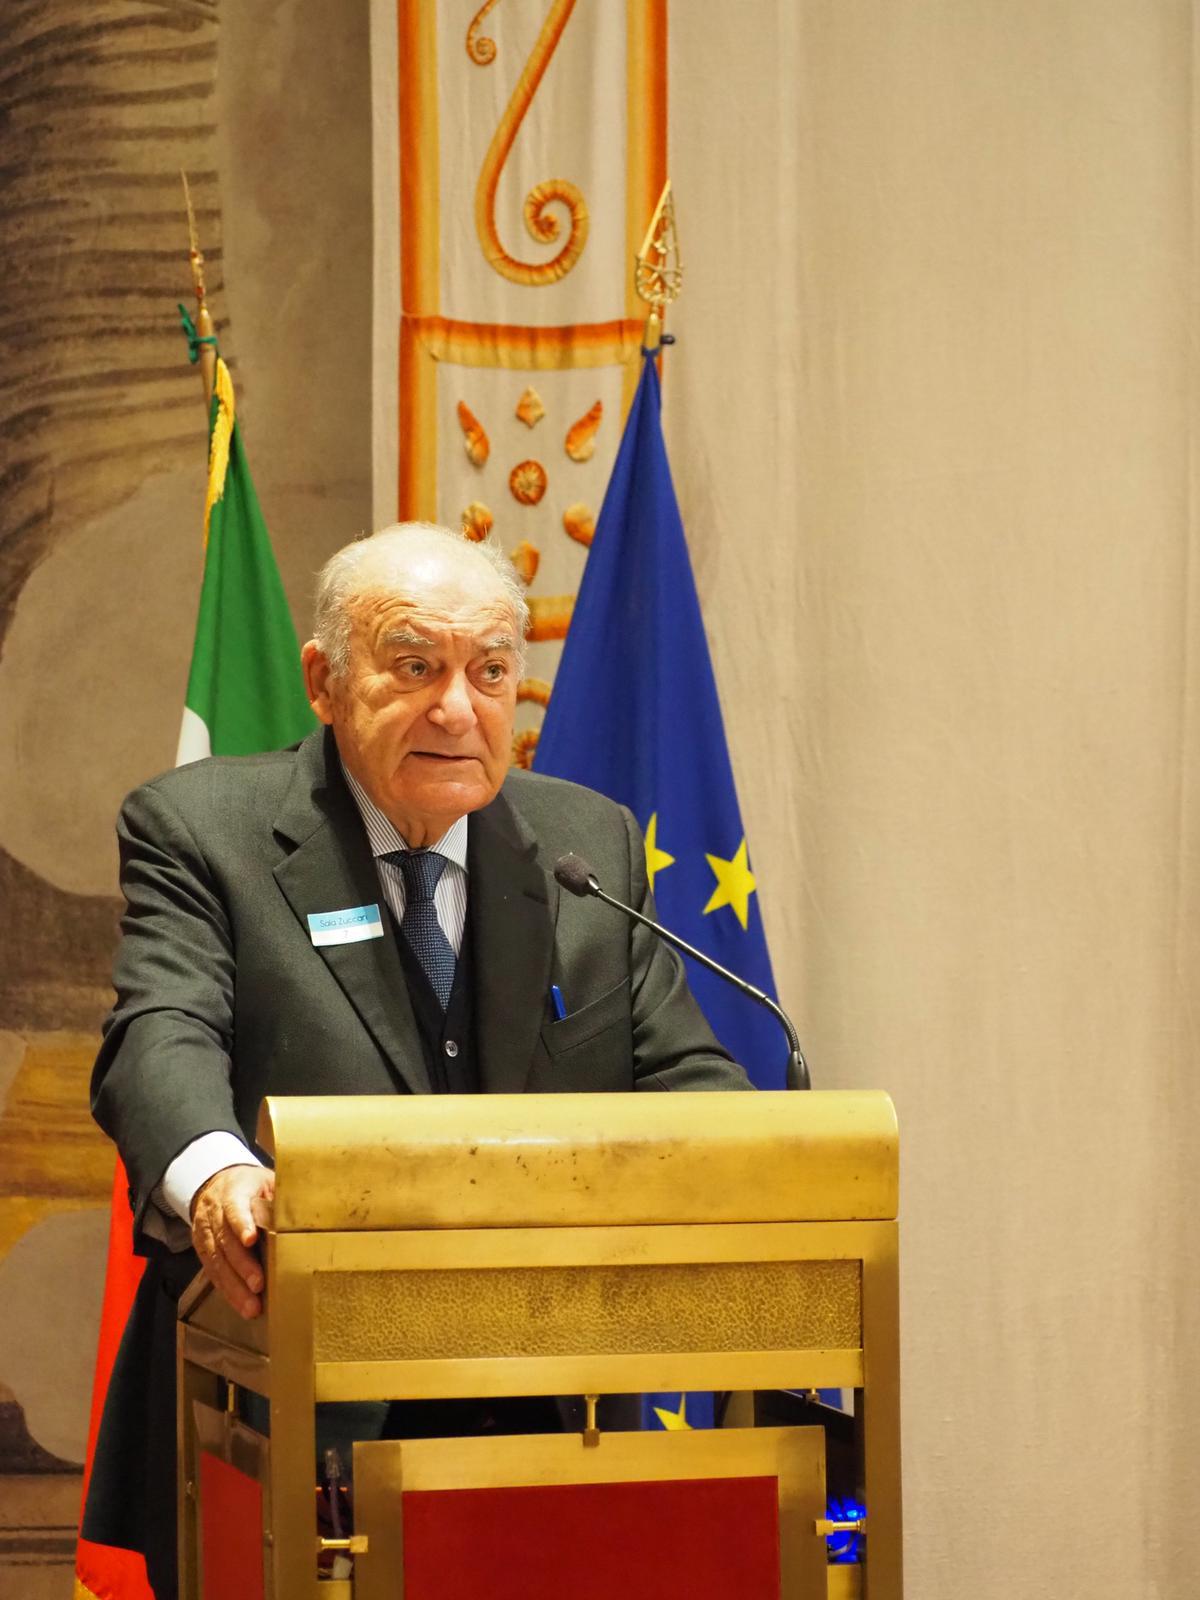 Giuseppe De Rita Presidente del Censis - Web & società. Terzo Rapporto Auditel-Censis: 3,5 mln di famiglie senza uno smartphone. Totalmente isolate durante il lockdown